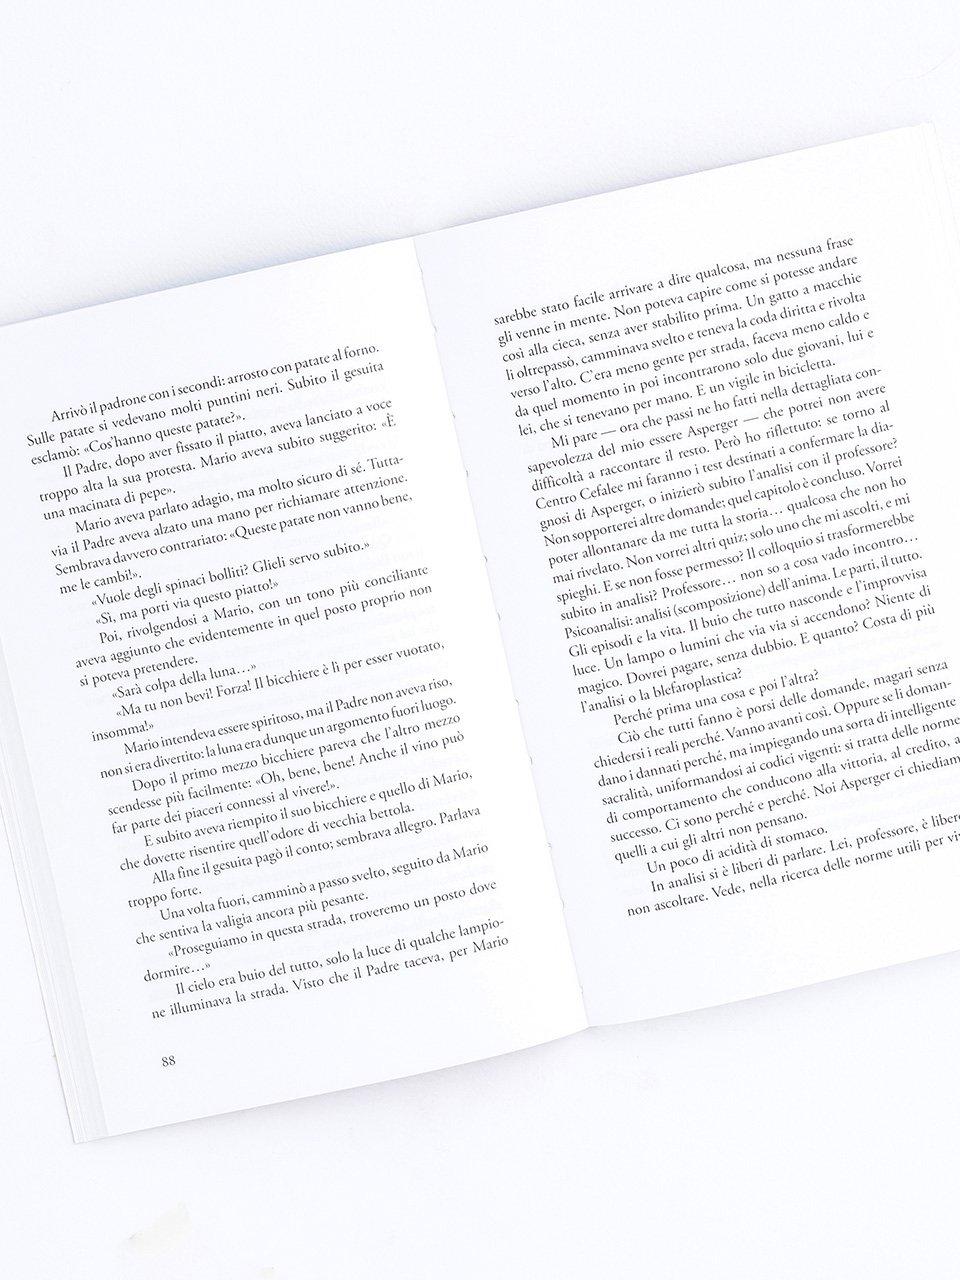 Anni senza capir l'antifona - Libri - Erickson 2